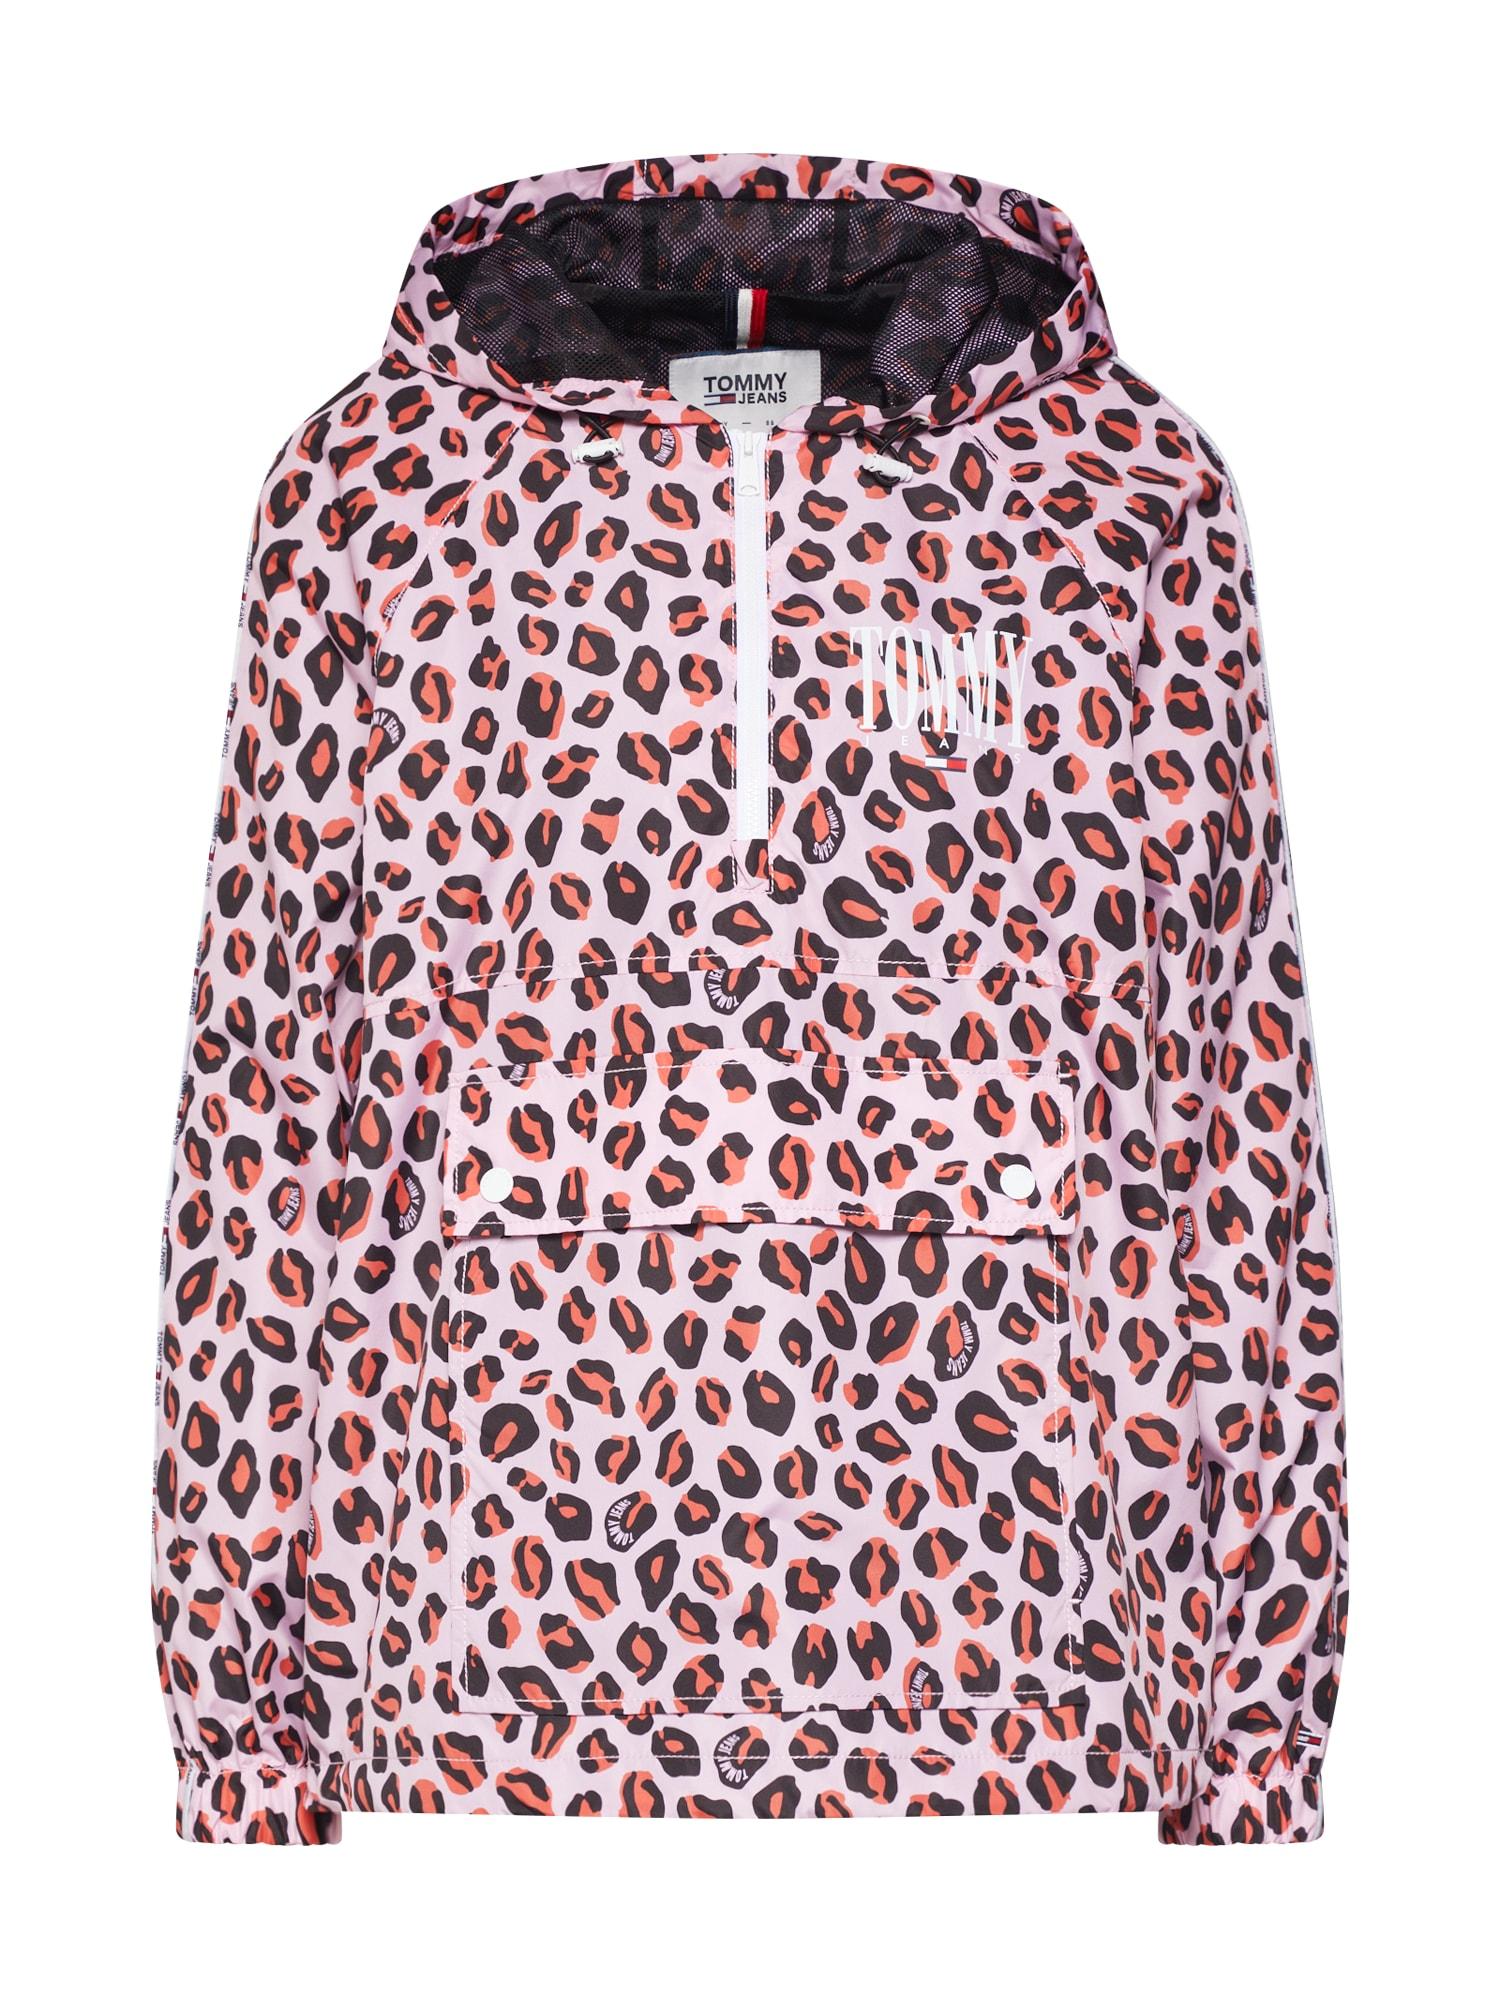 Přechodná bunda PRINT PIPING mix barev růžová bílá Tommy Jeans